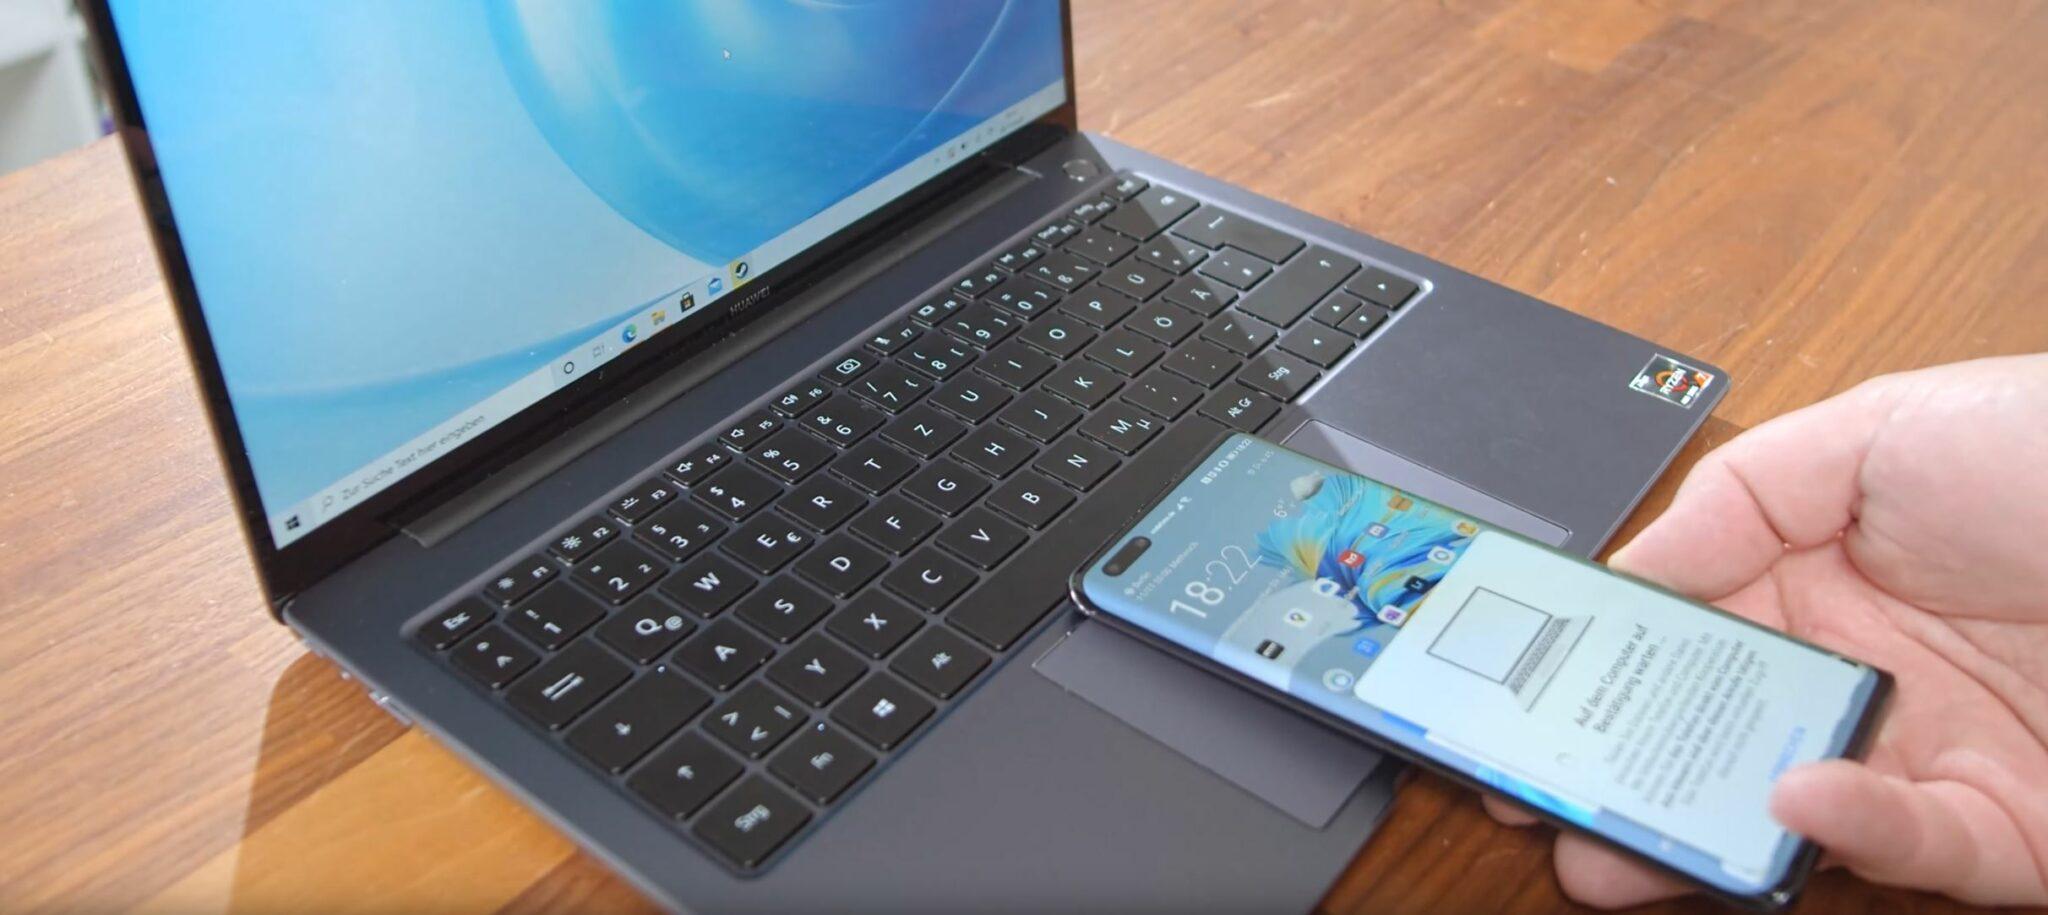 Huawei MateBook 14 AMD Ryzen 7 4800H Huawei Share